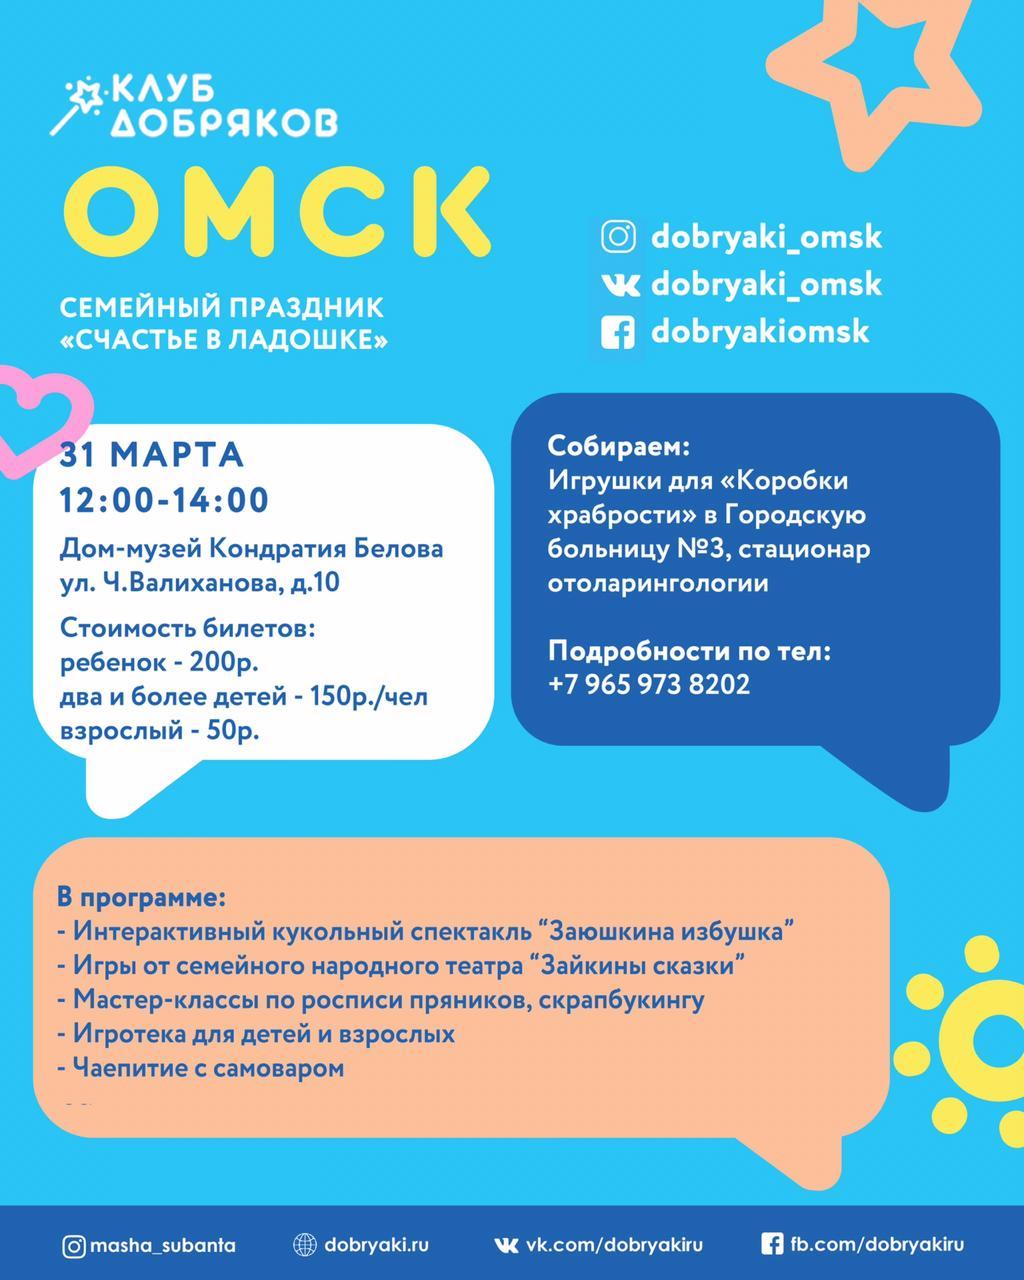 Благотворительный семейный праздник в Омске